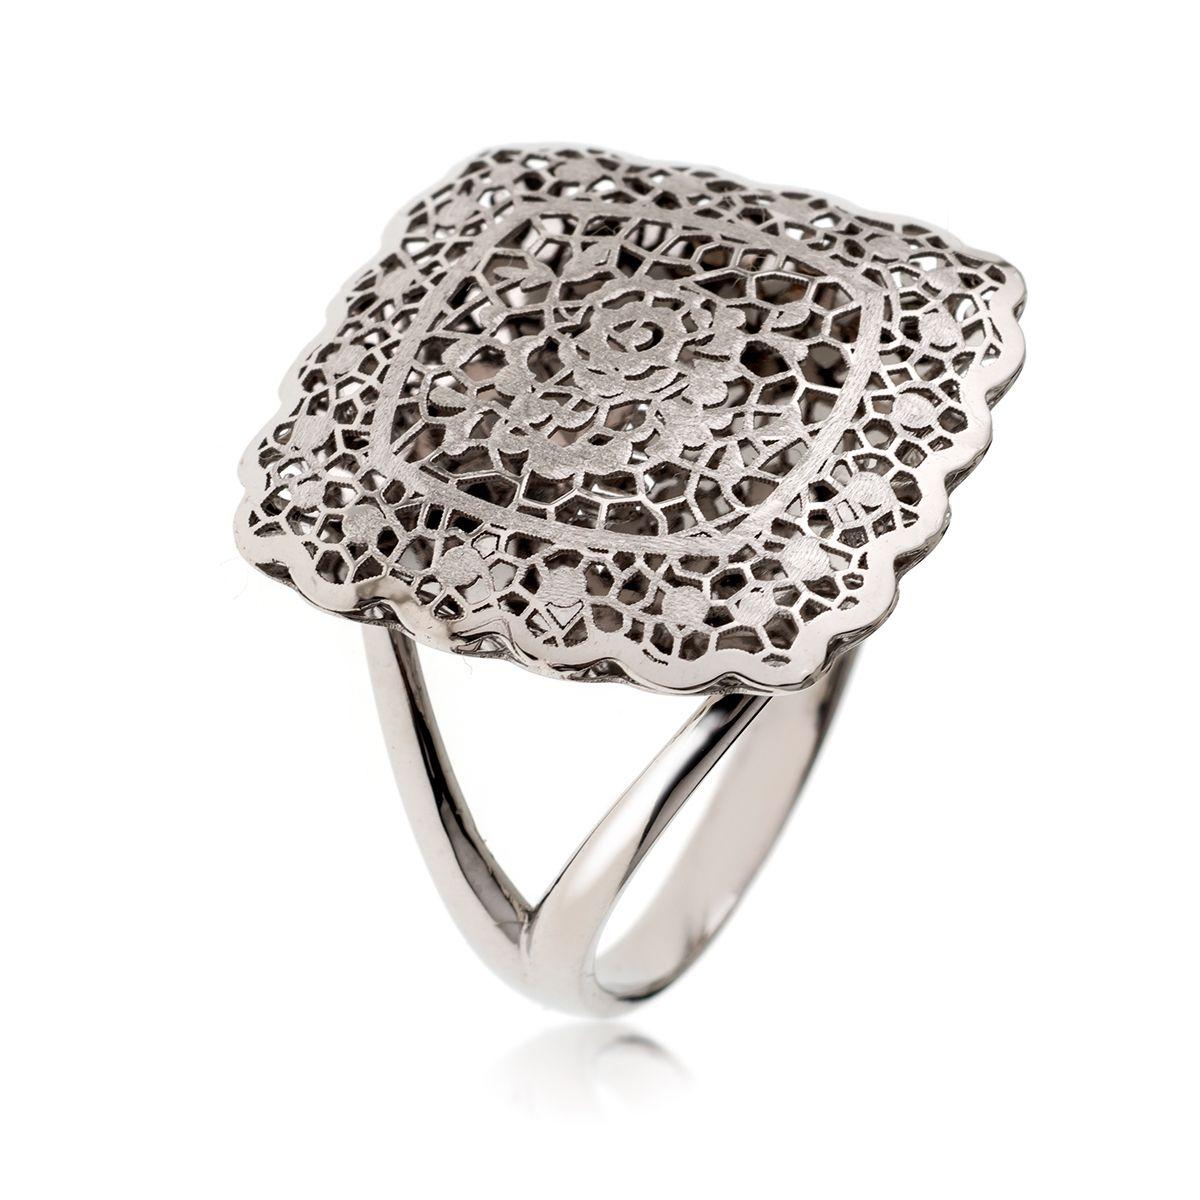 d222670c376 Pierścionek z kolekcji NEONERO wykonany z białego złota to propozycja  jednocześnie elegancka i odrobinę dziewczęca.